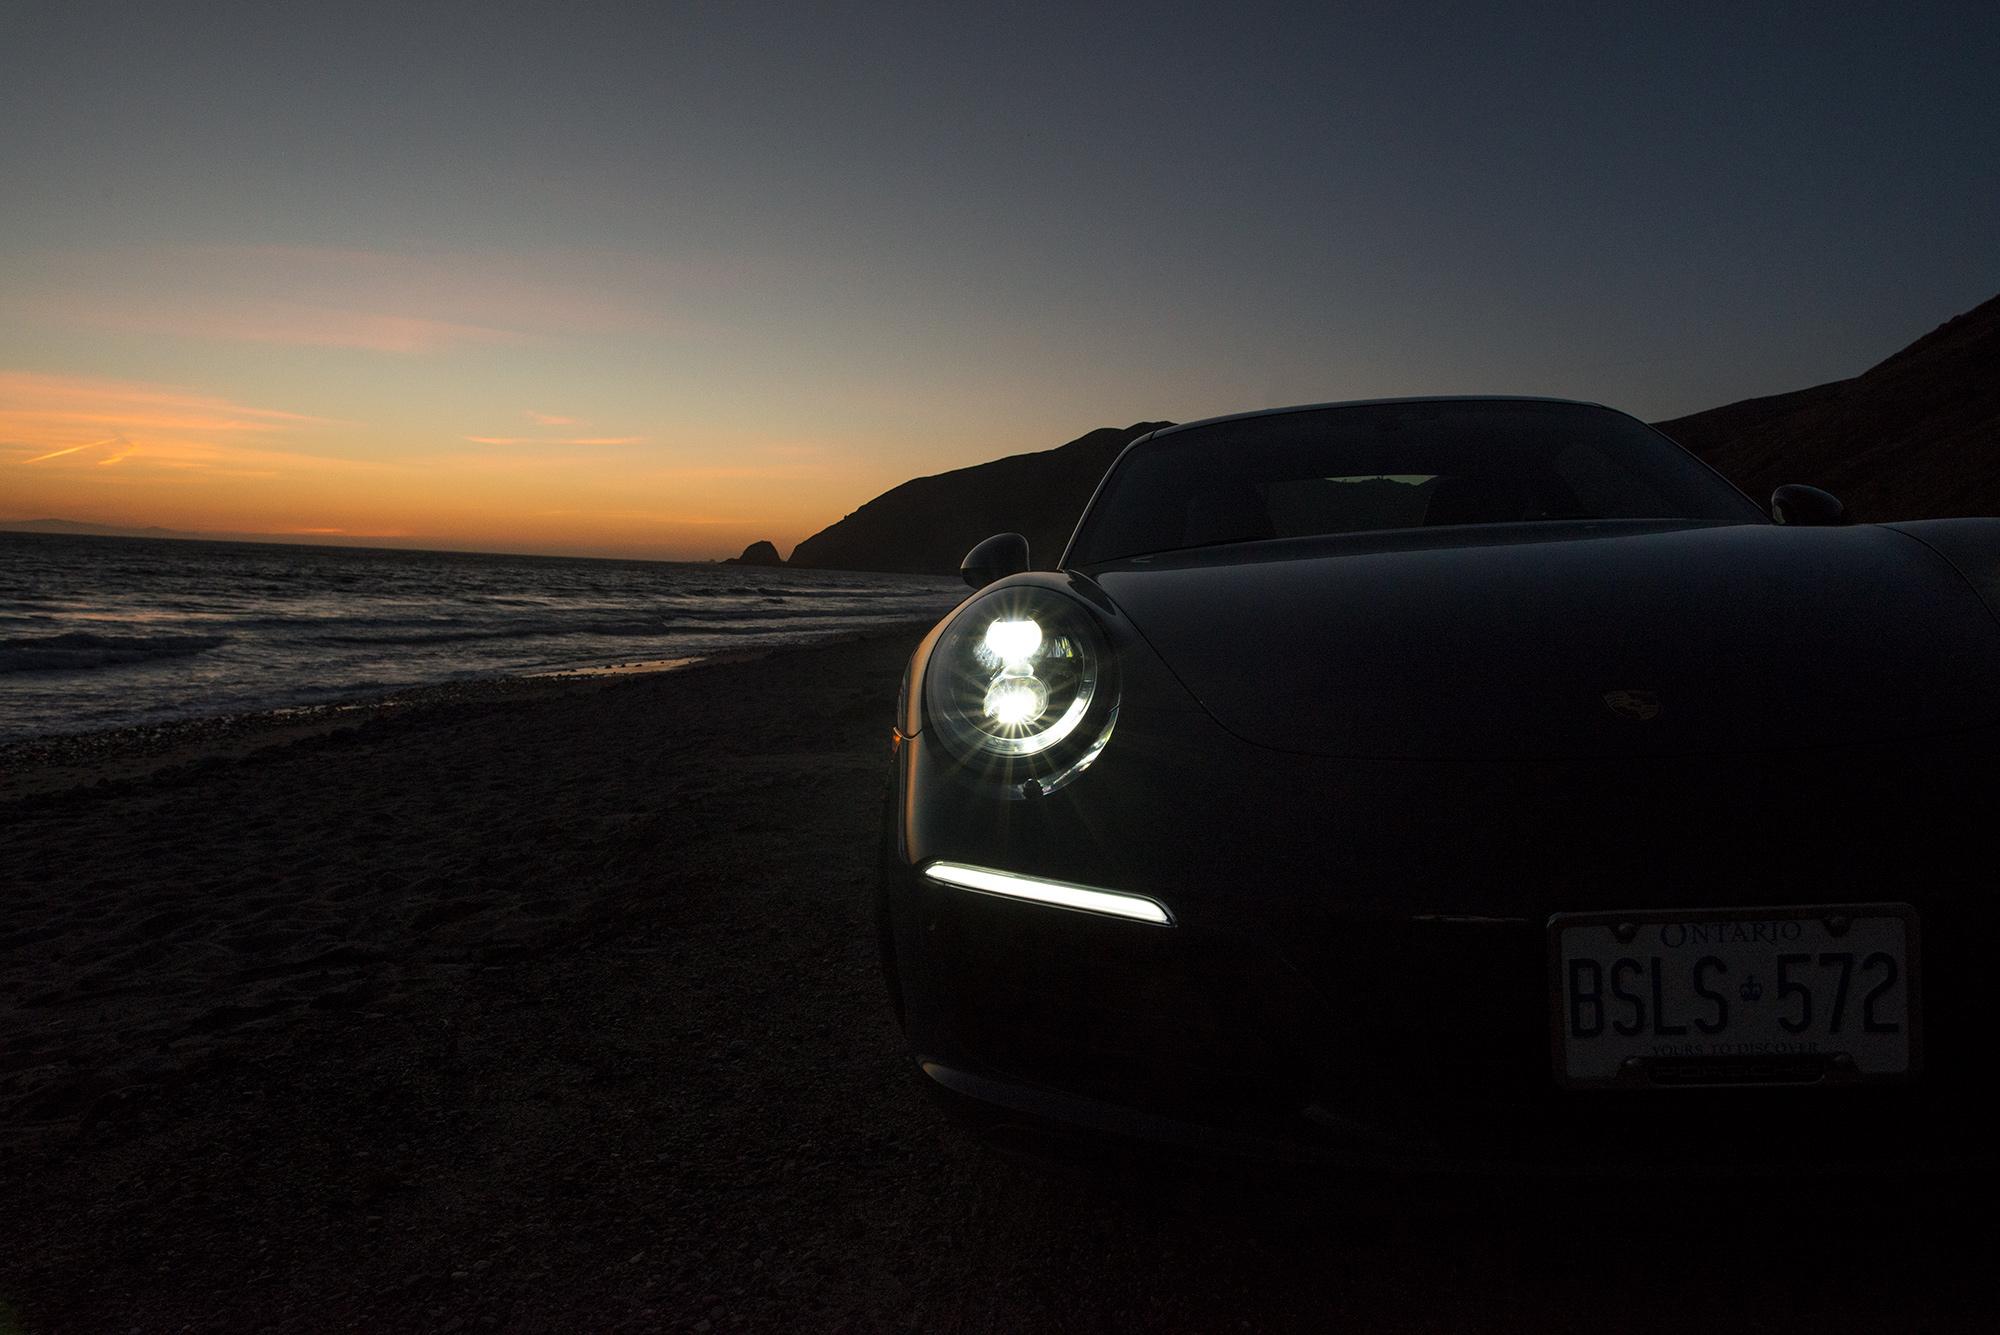 TrackWorthy - Toronto to LA - Porsche 911 C4S 991.2 - 025